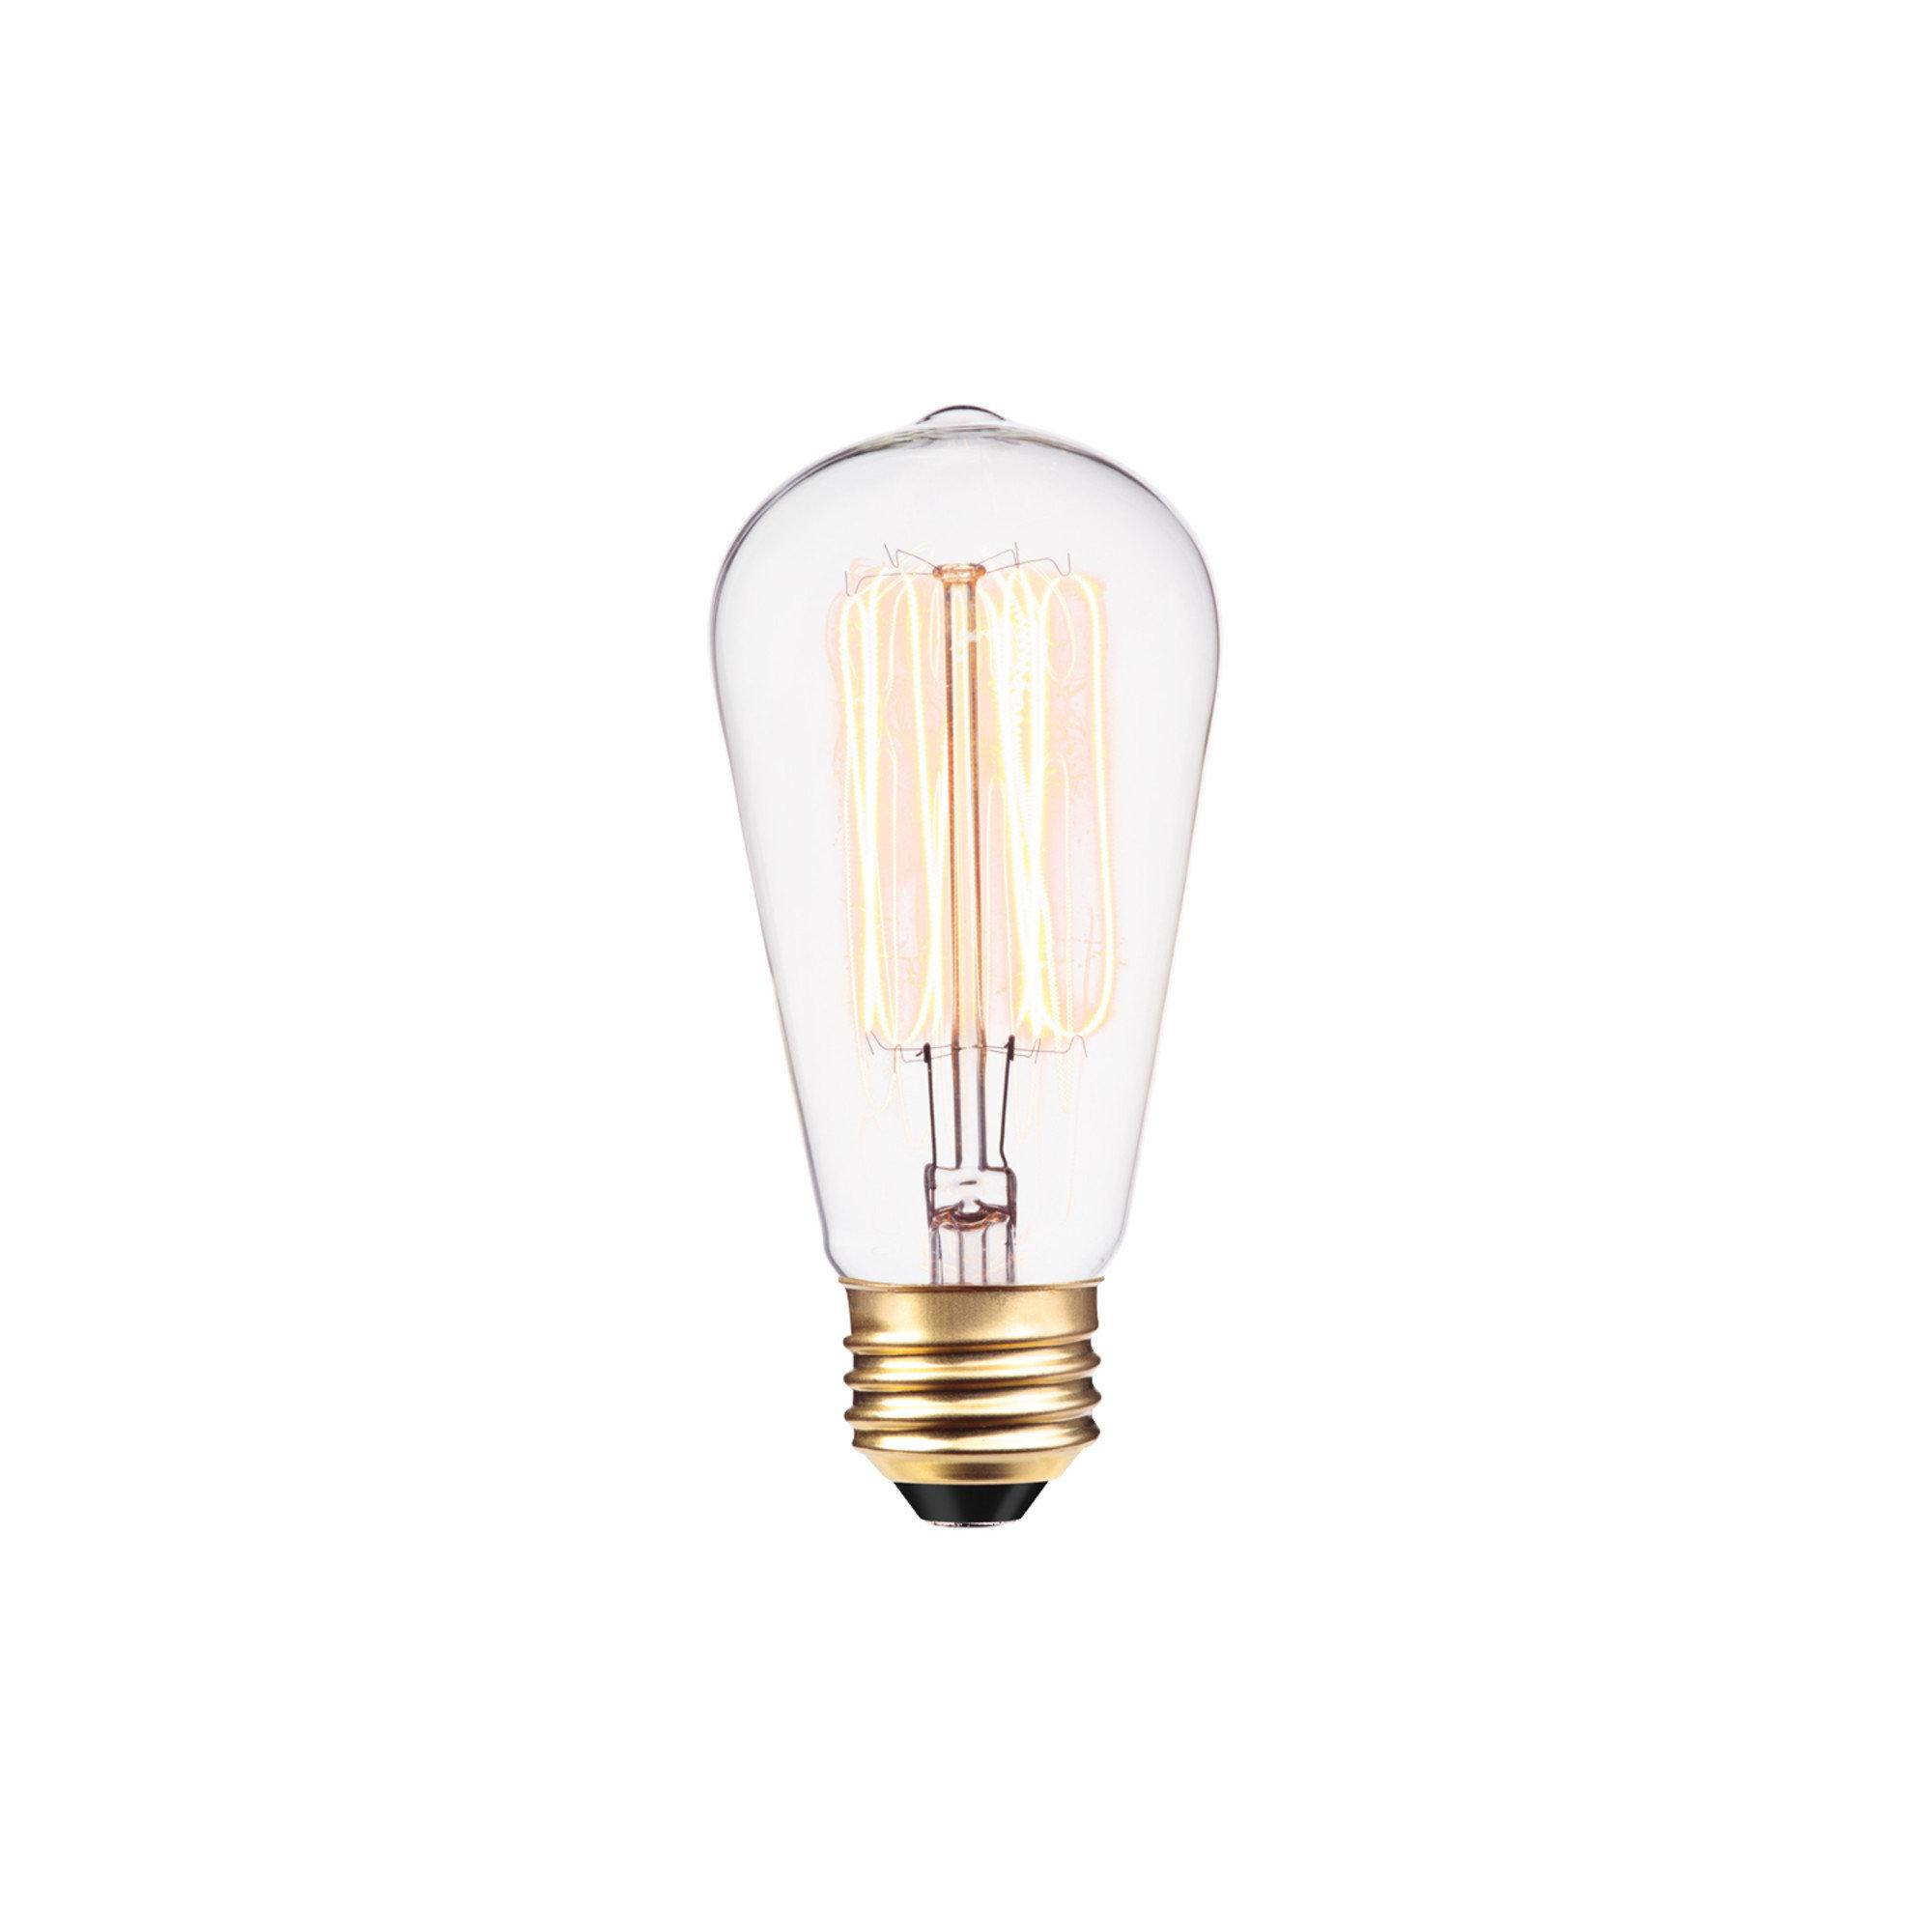 313242 40 Watt A19 Incandescent Dimmable Light Bulb Warm White 2700k E26 Medium Standard Base